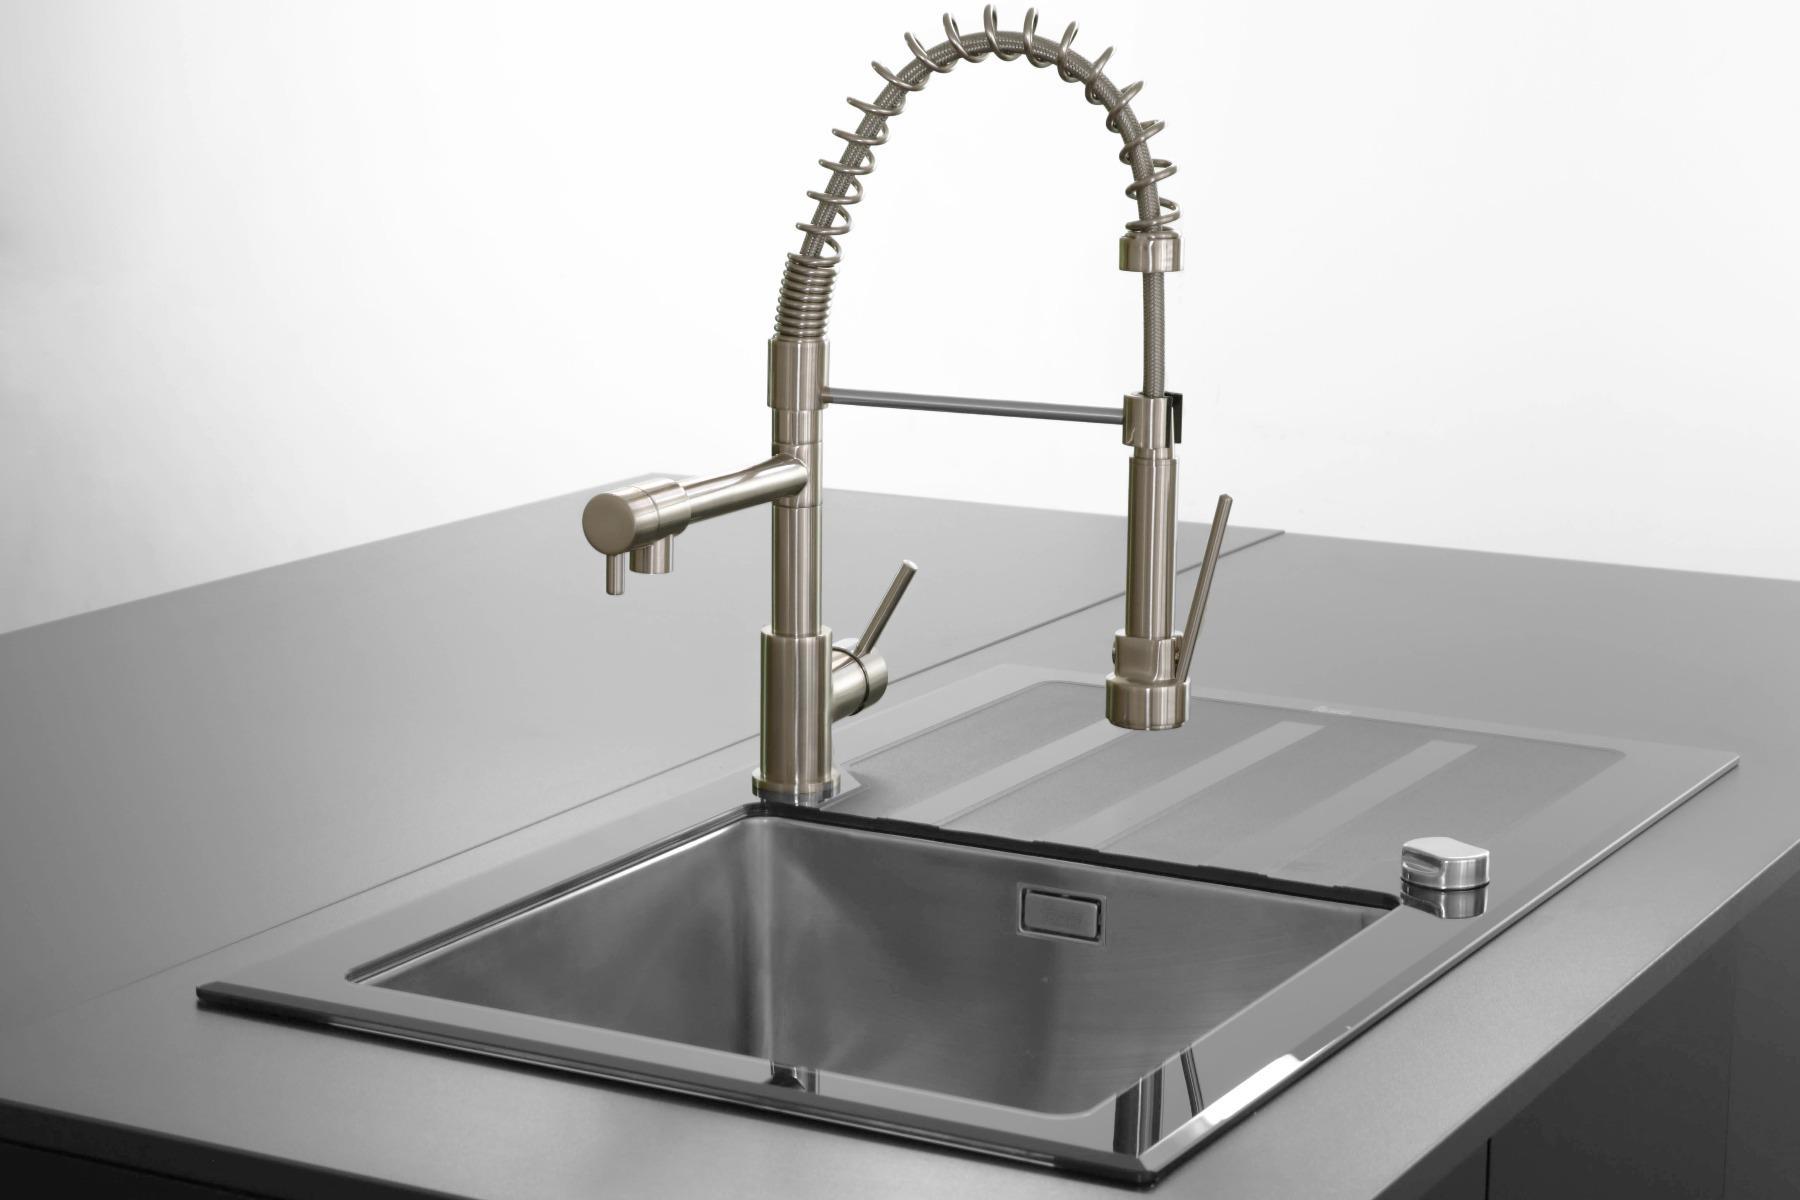 robinet economie d'eau